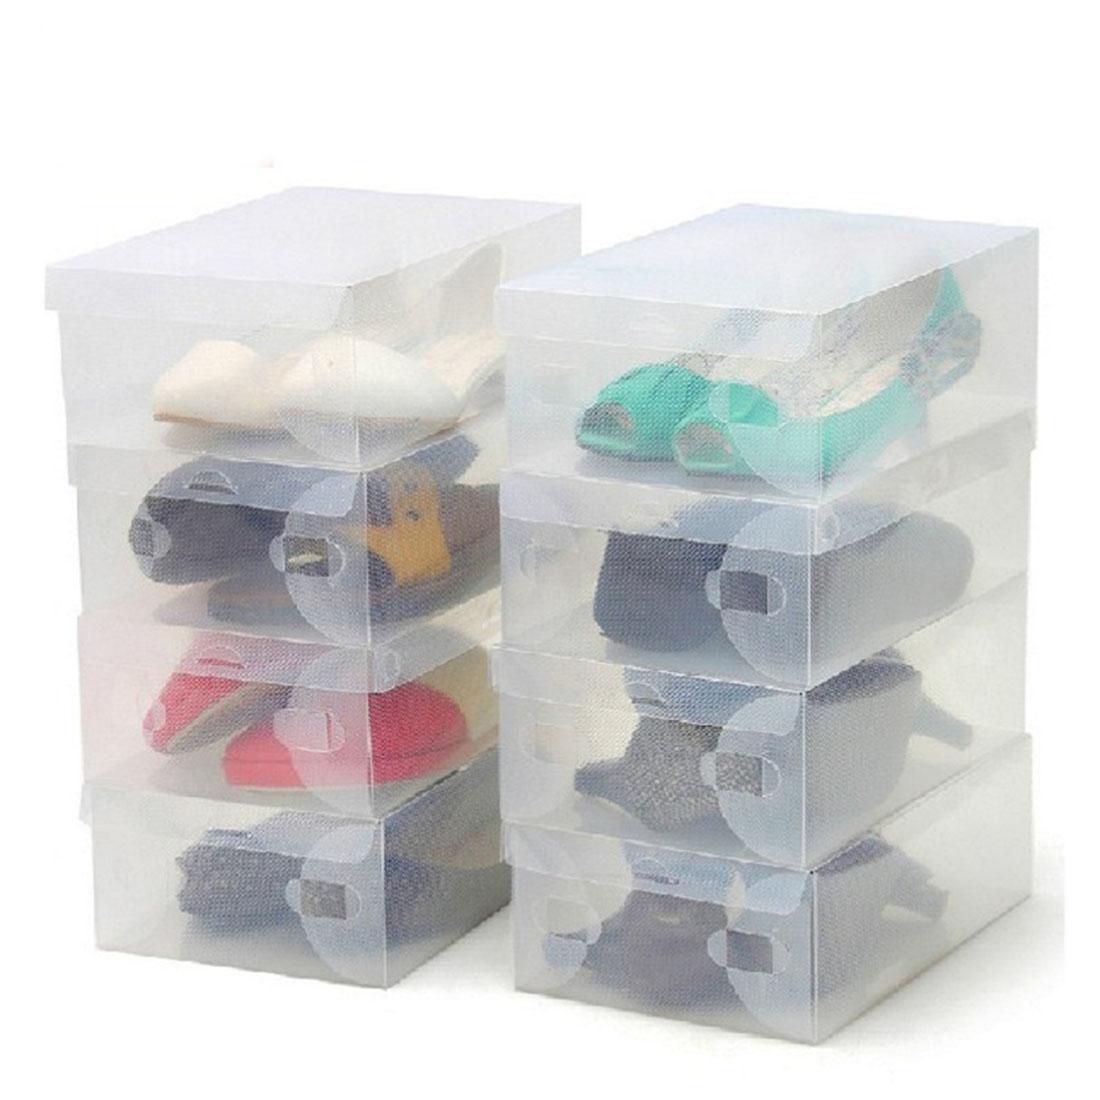 Useful 10Pcs Transparent Clear Plastic Shoes Storage Boxes Foldable ...